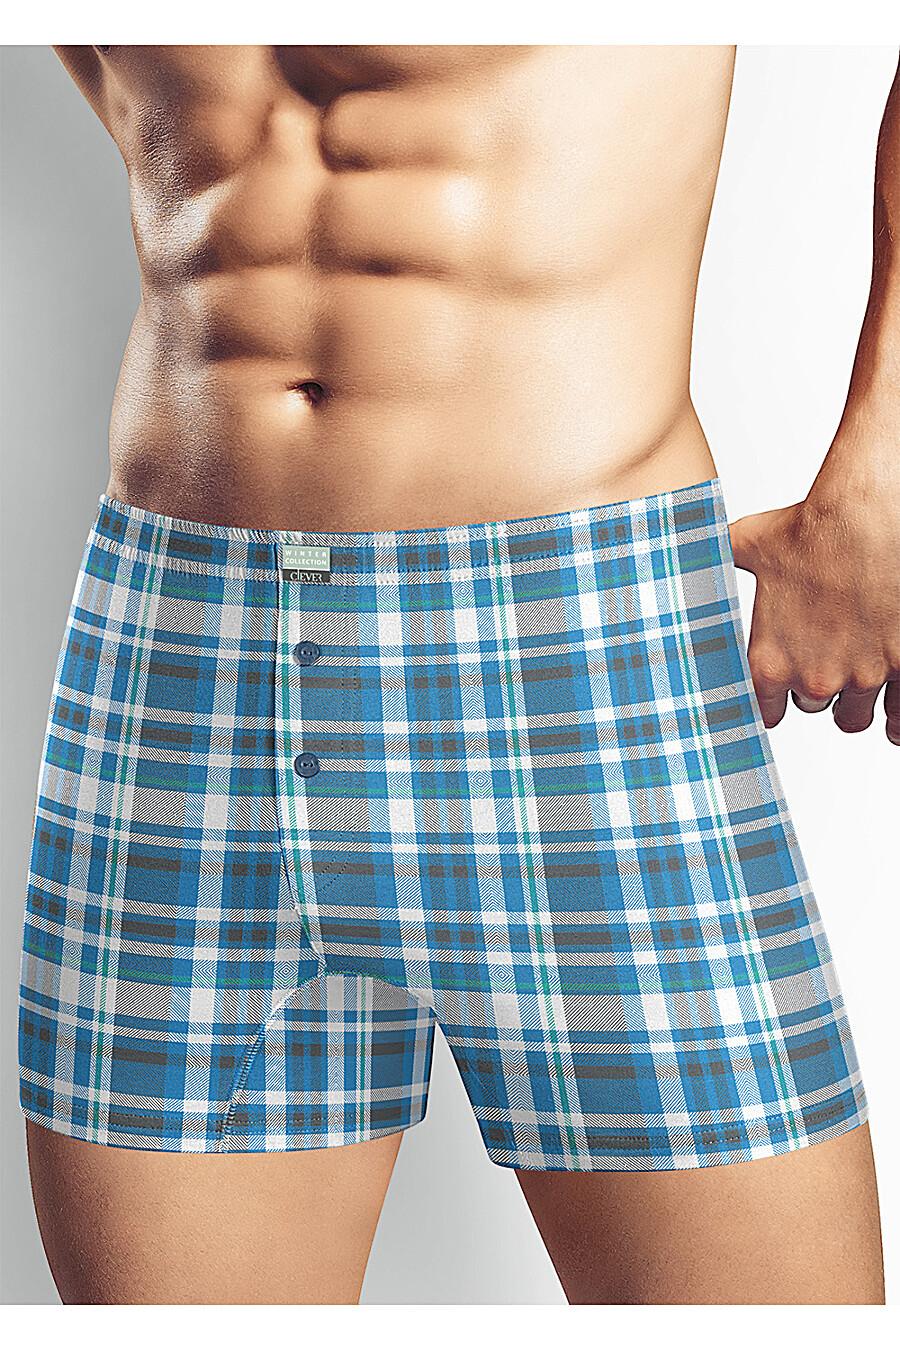 Трусы для мужчин CLEVER 155186 купить оптом от производителя. Совместная покупка мужской одежды в OptMoyo